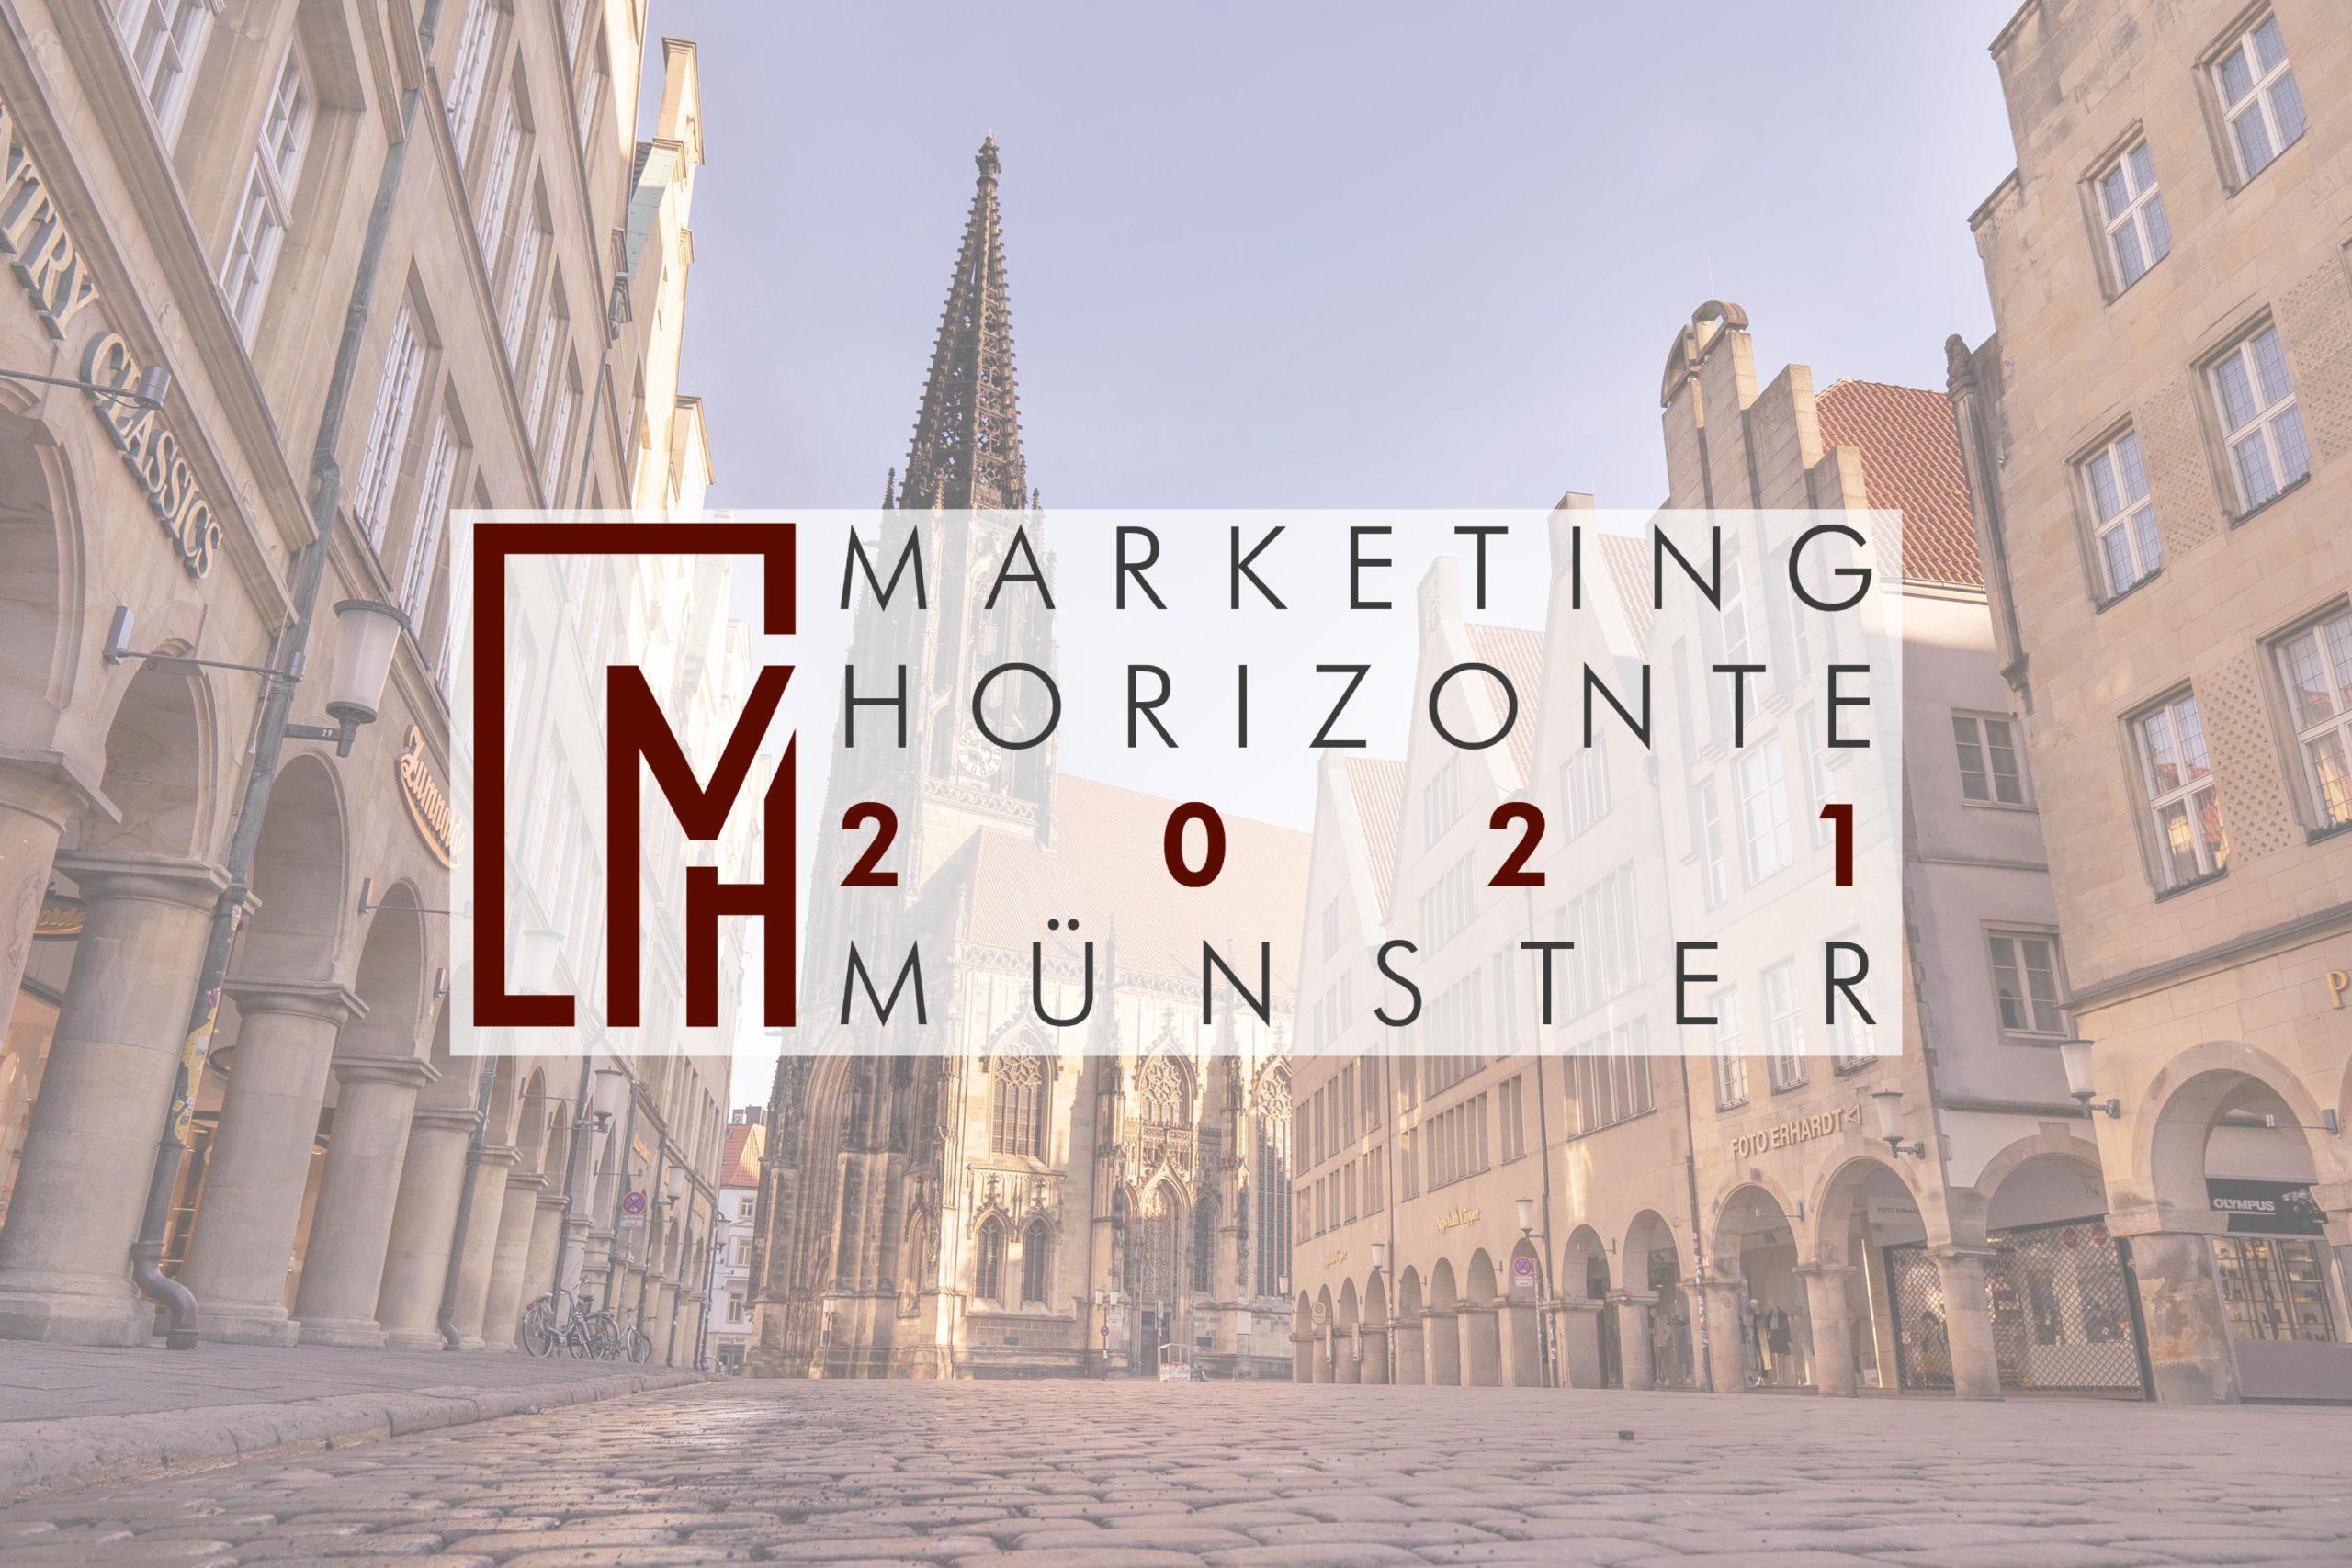 Marketing Horizonte 2021 Münster